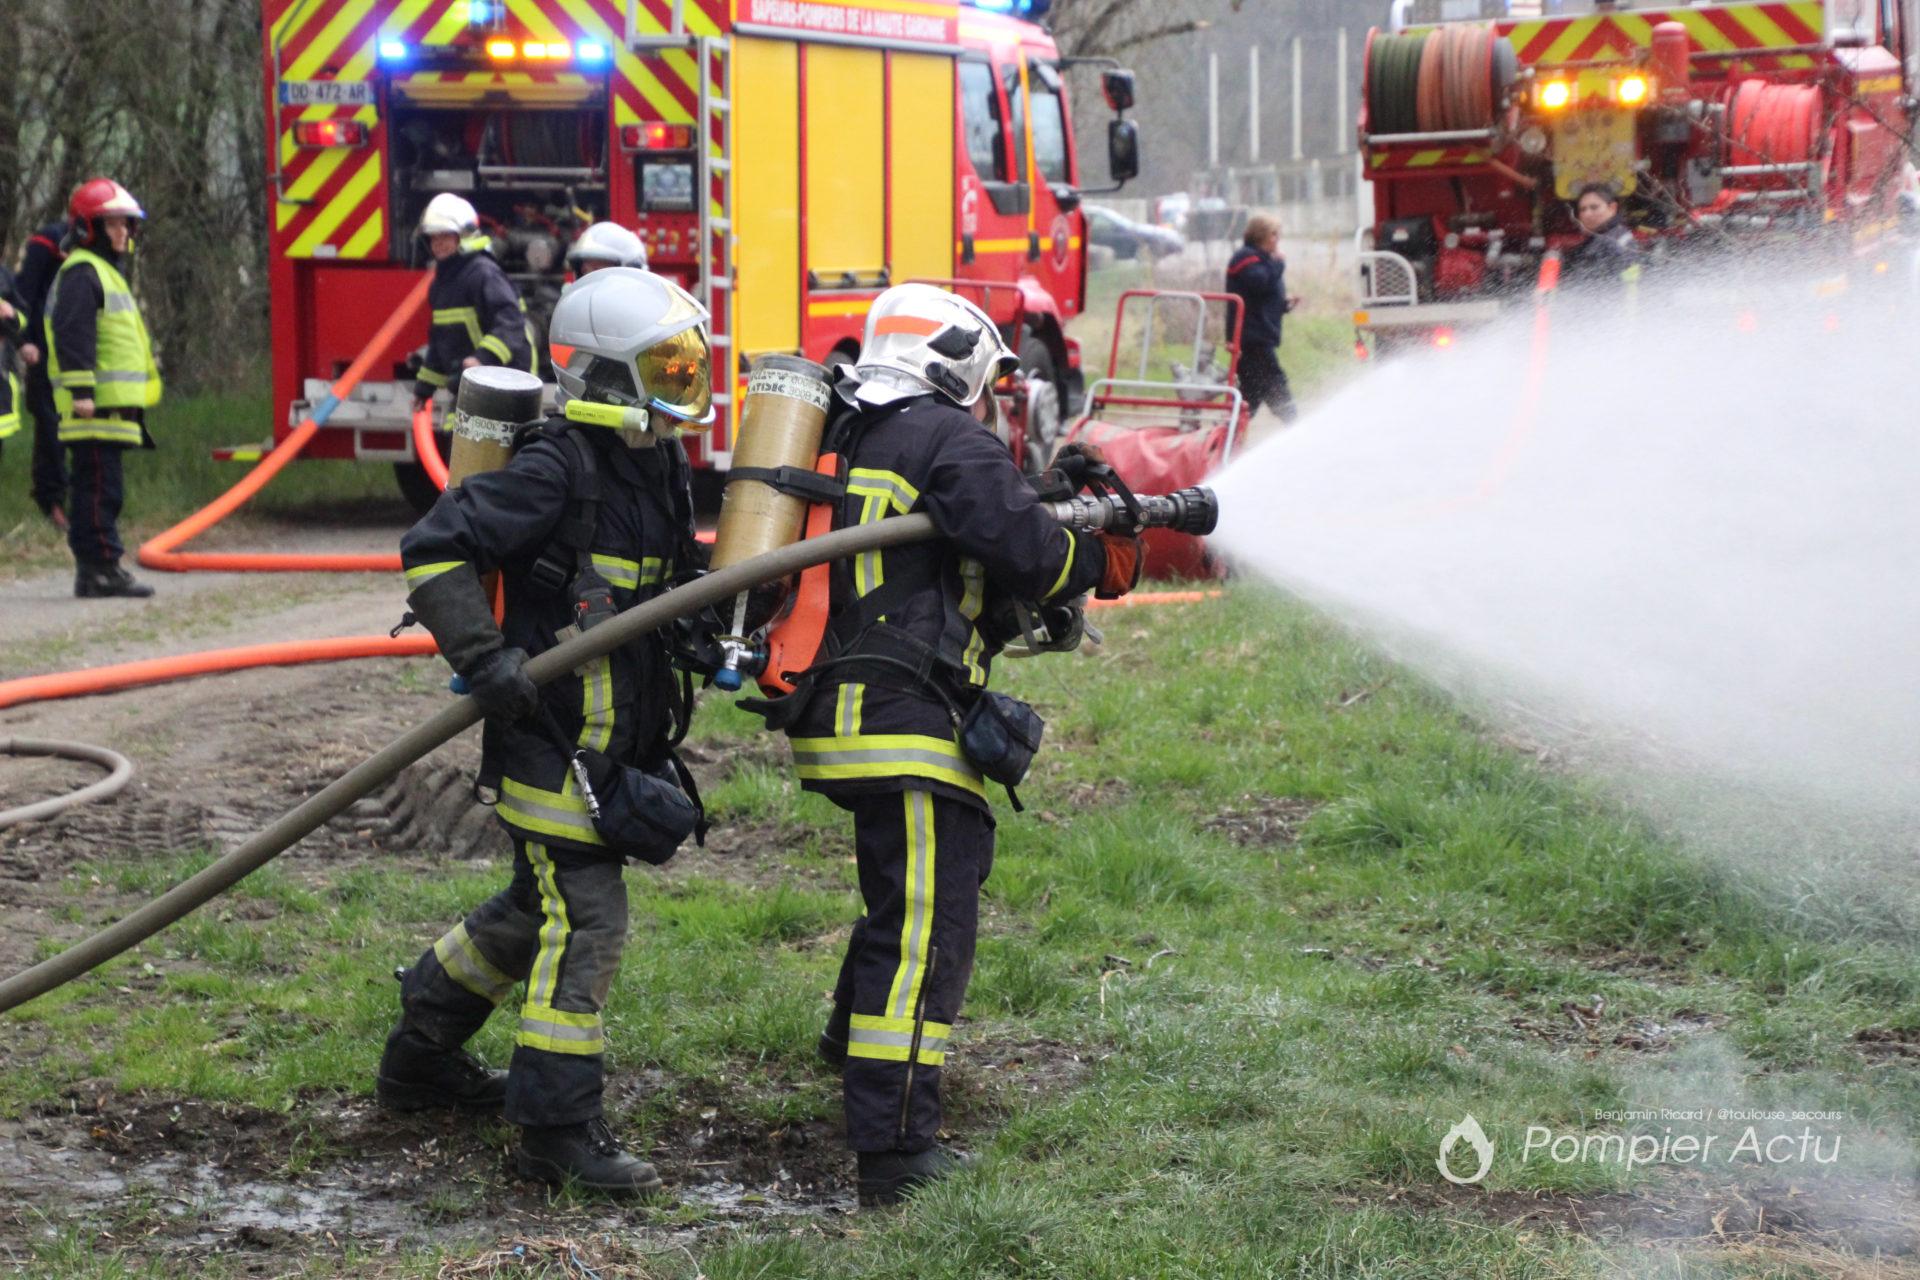 🇫🇷 Vendée (85) : Certaines interventions deviennent payantes